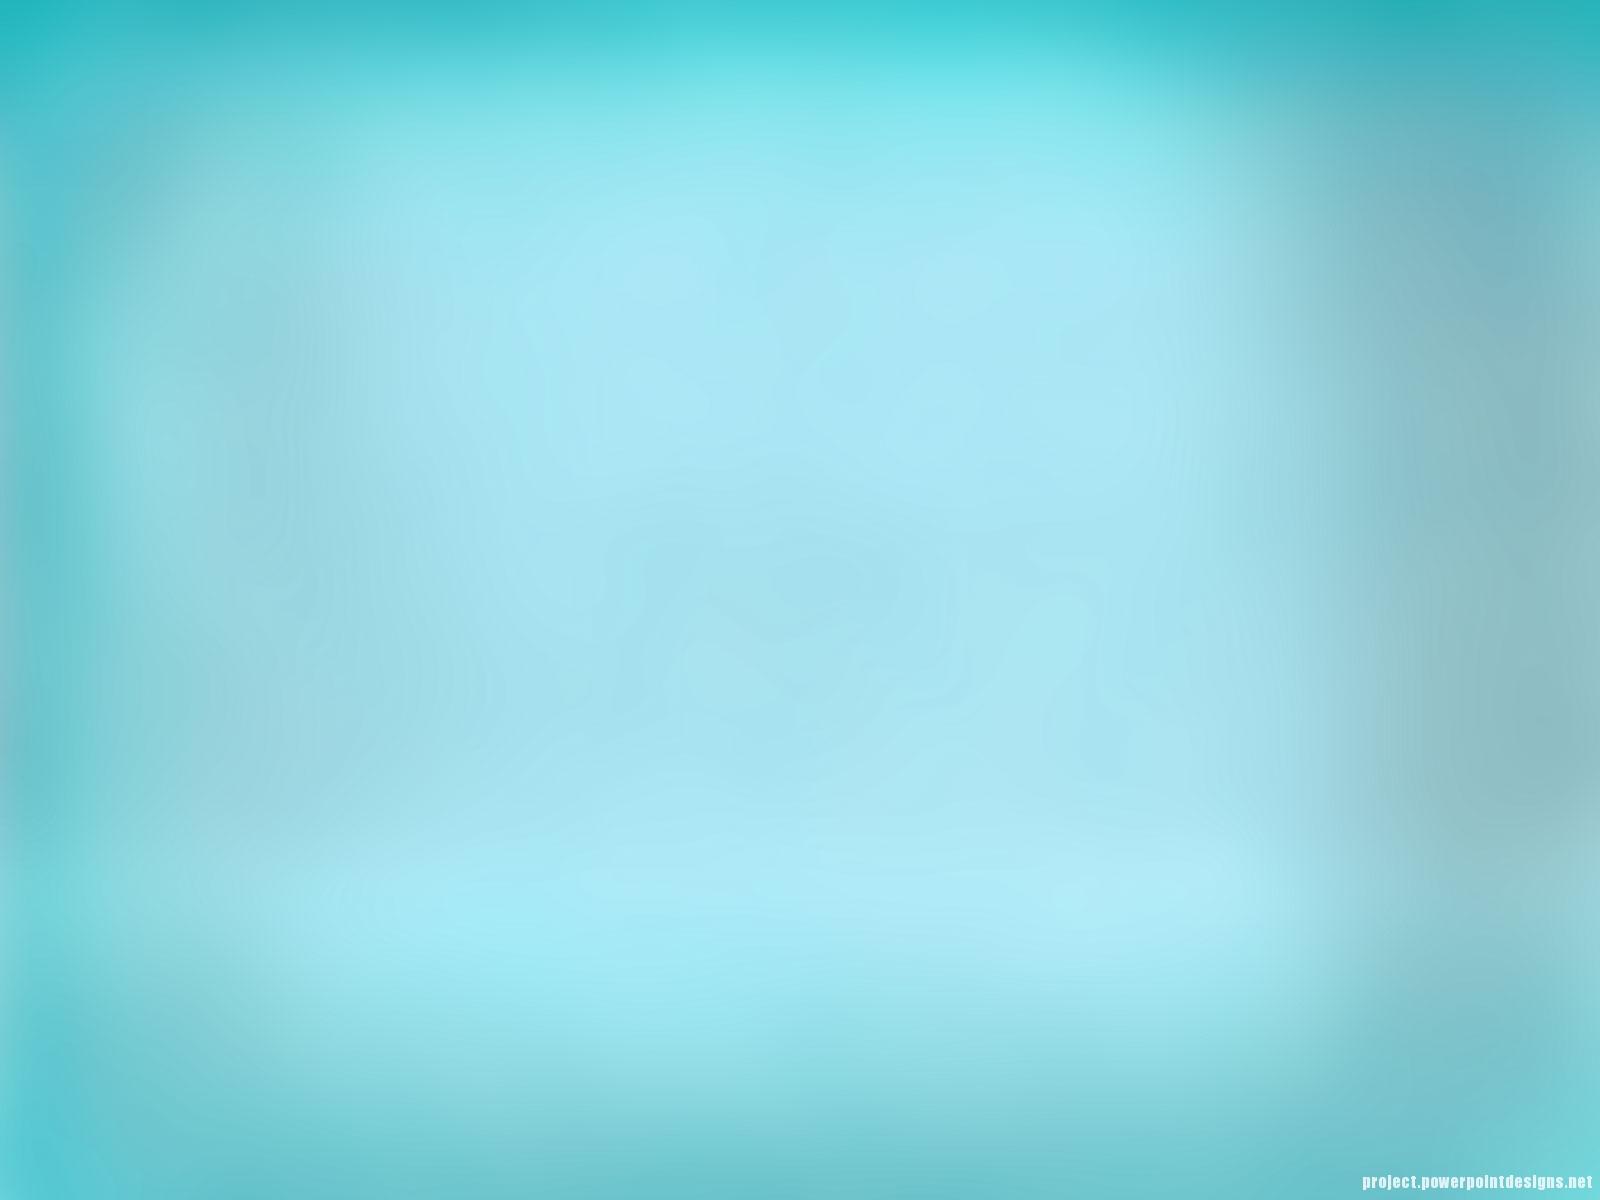 minimalist-blue-paper-background-powerpoint